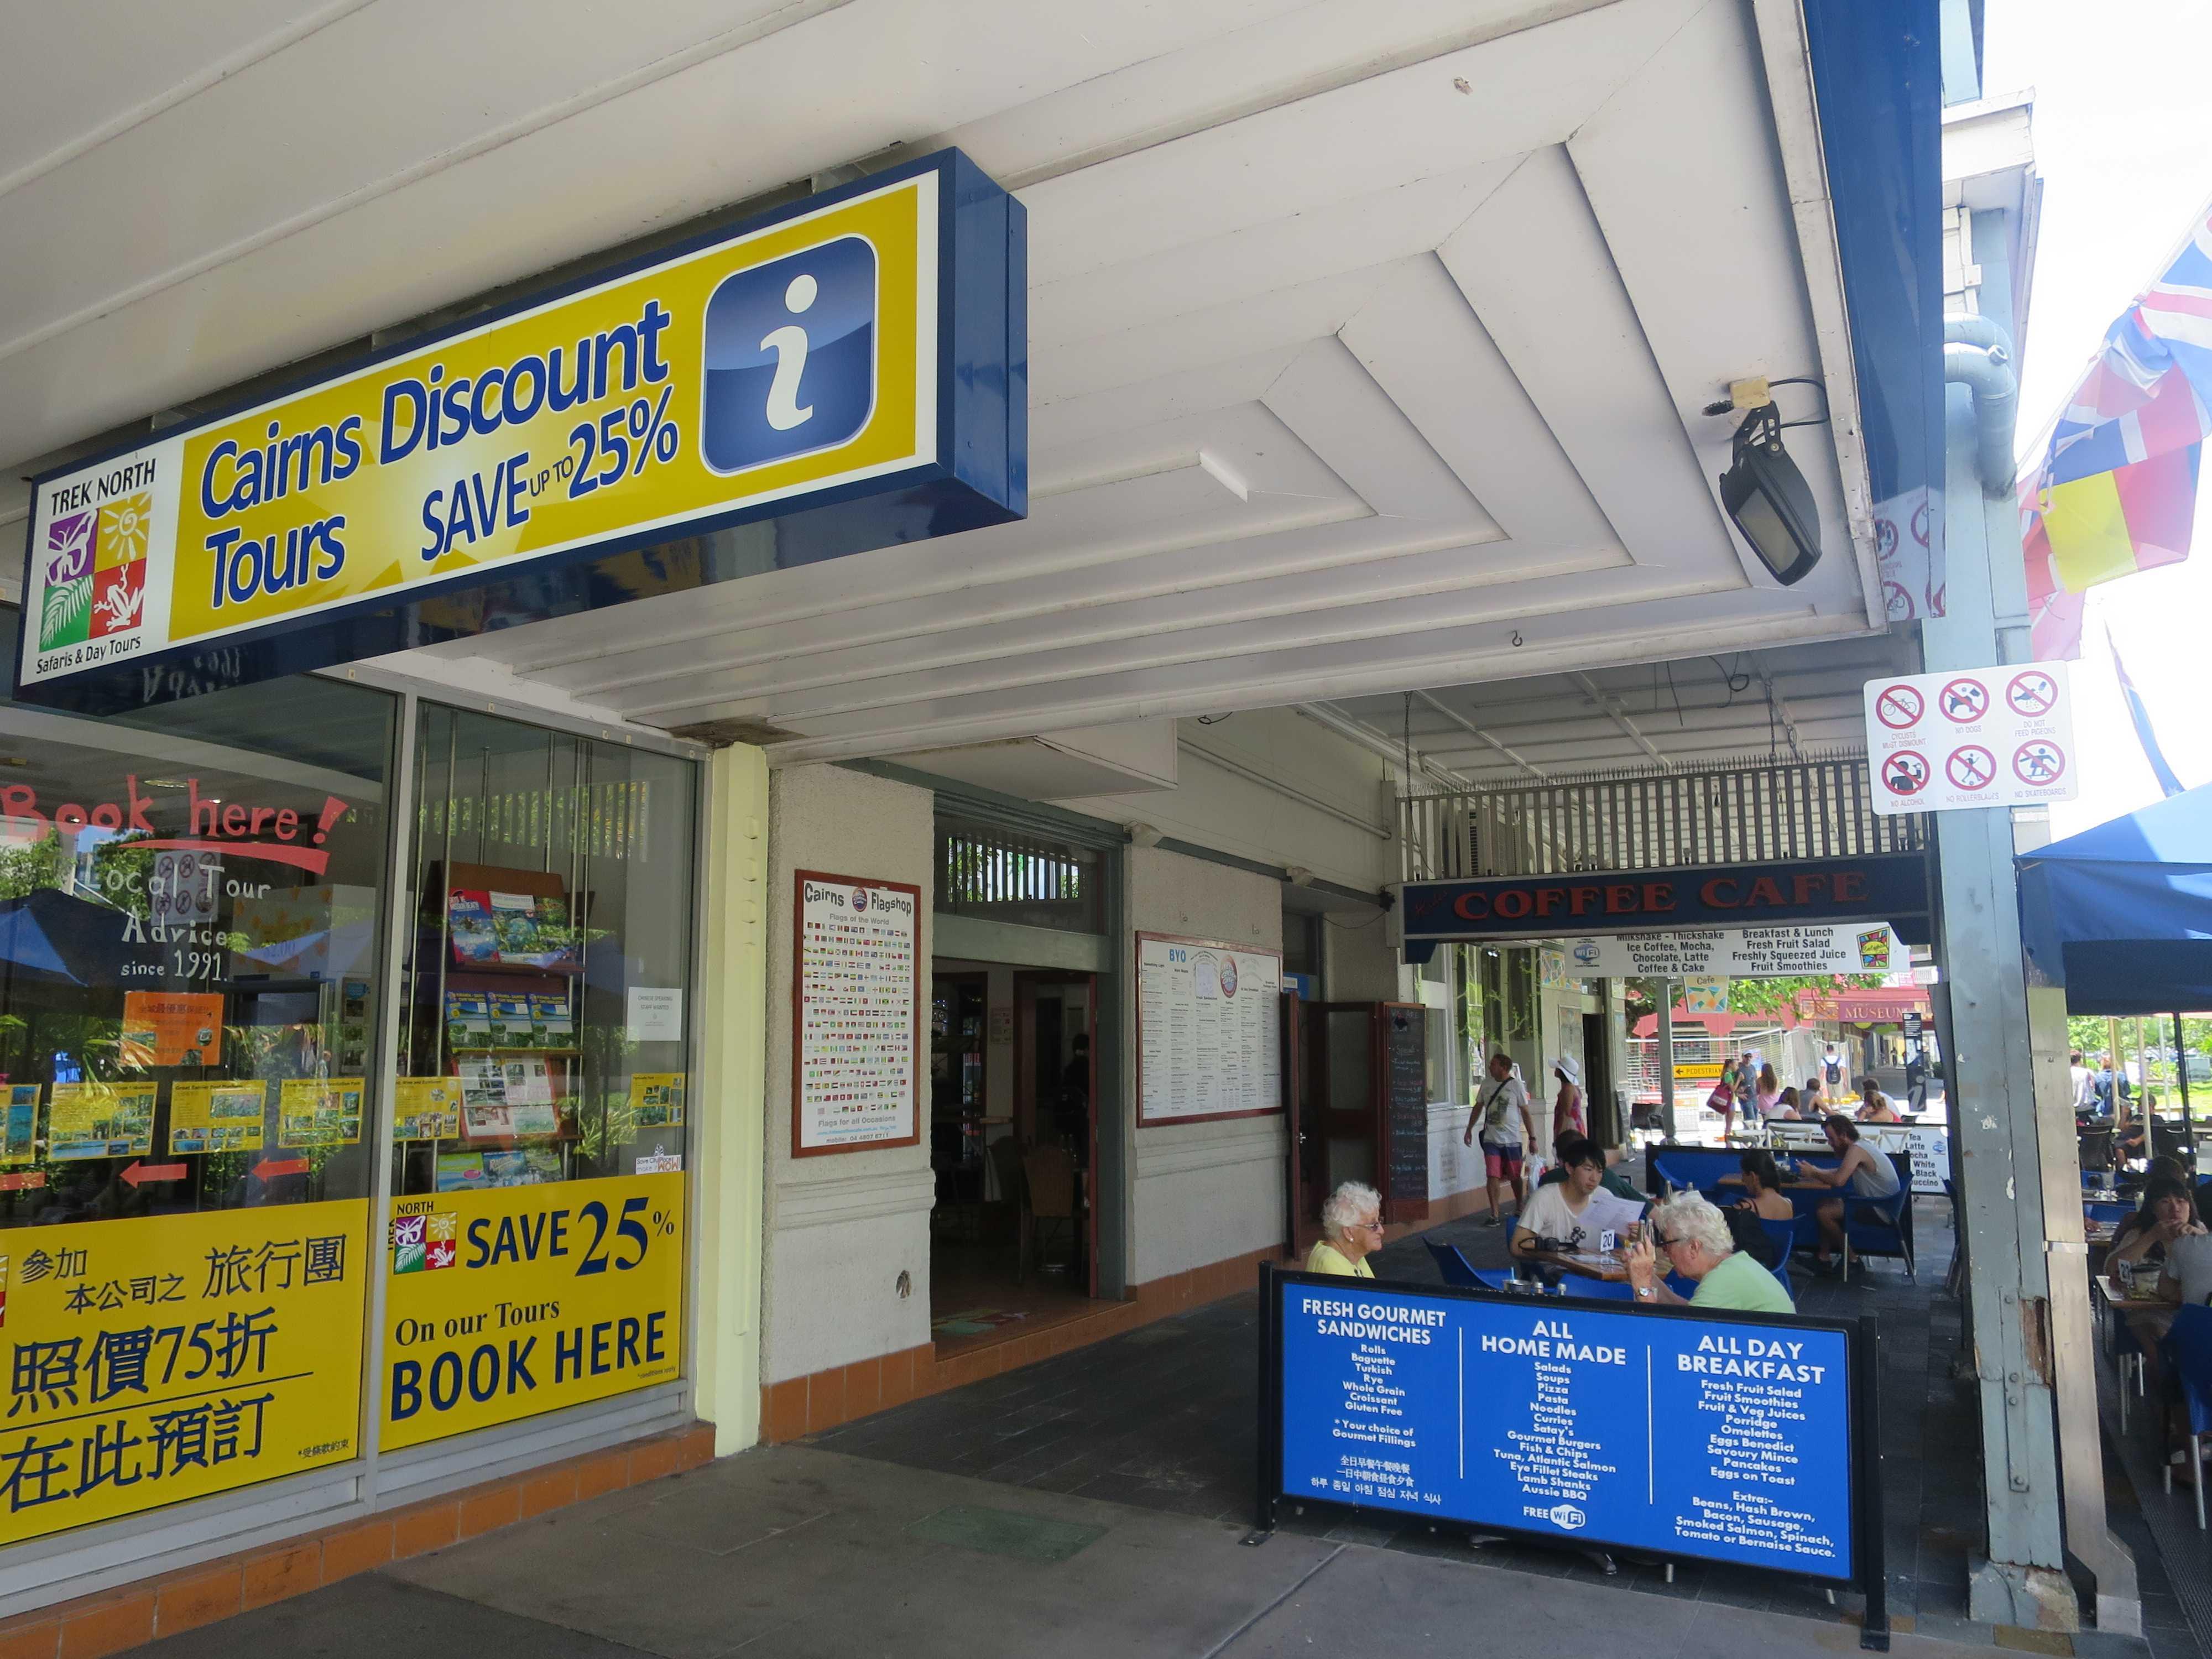 ケアンズ市内 - とあるレストラン